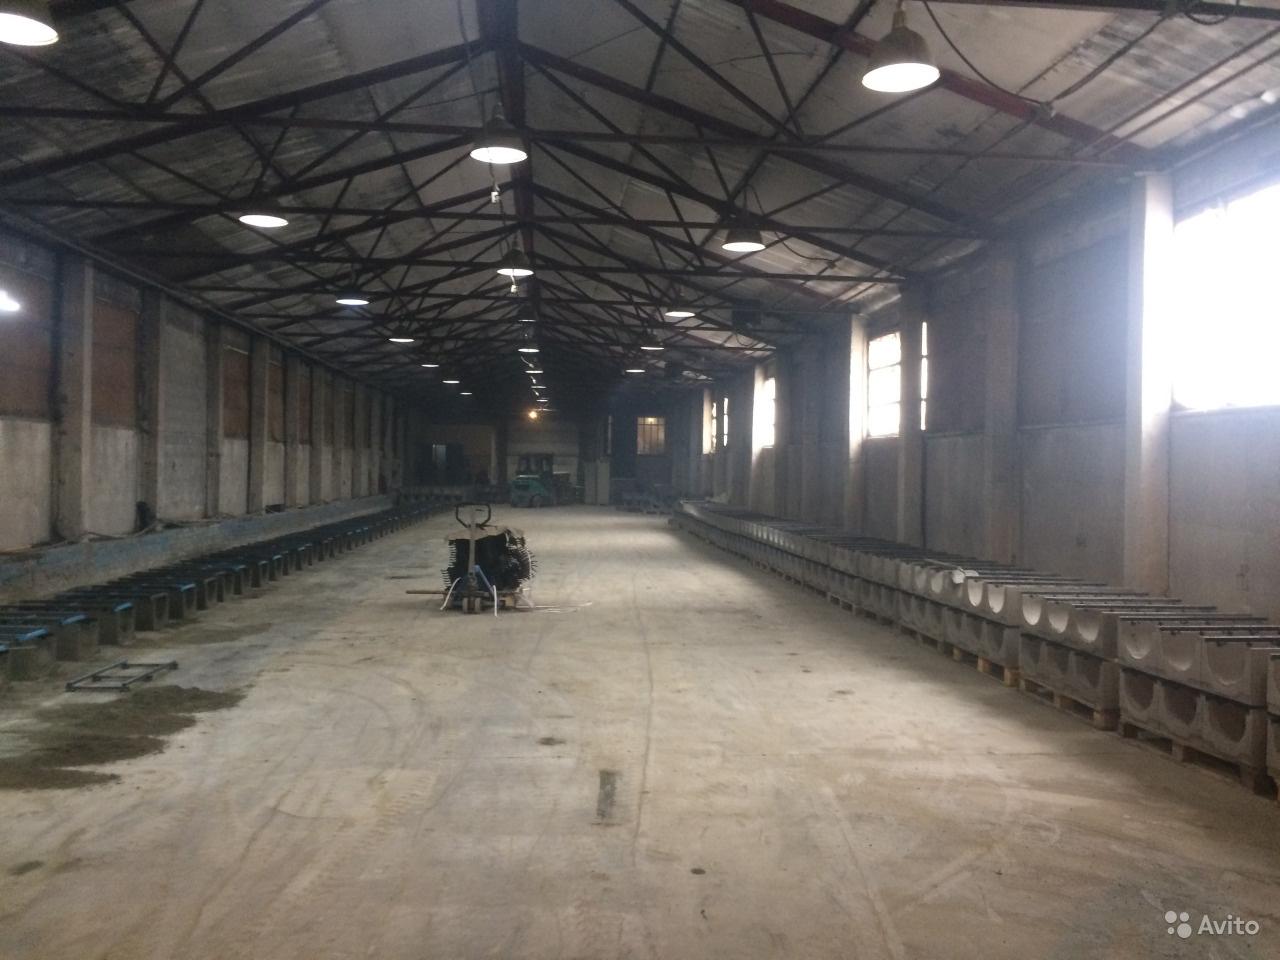 Складские или производственные помещения 180 руб за кв.м.   фото 1 из 6